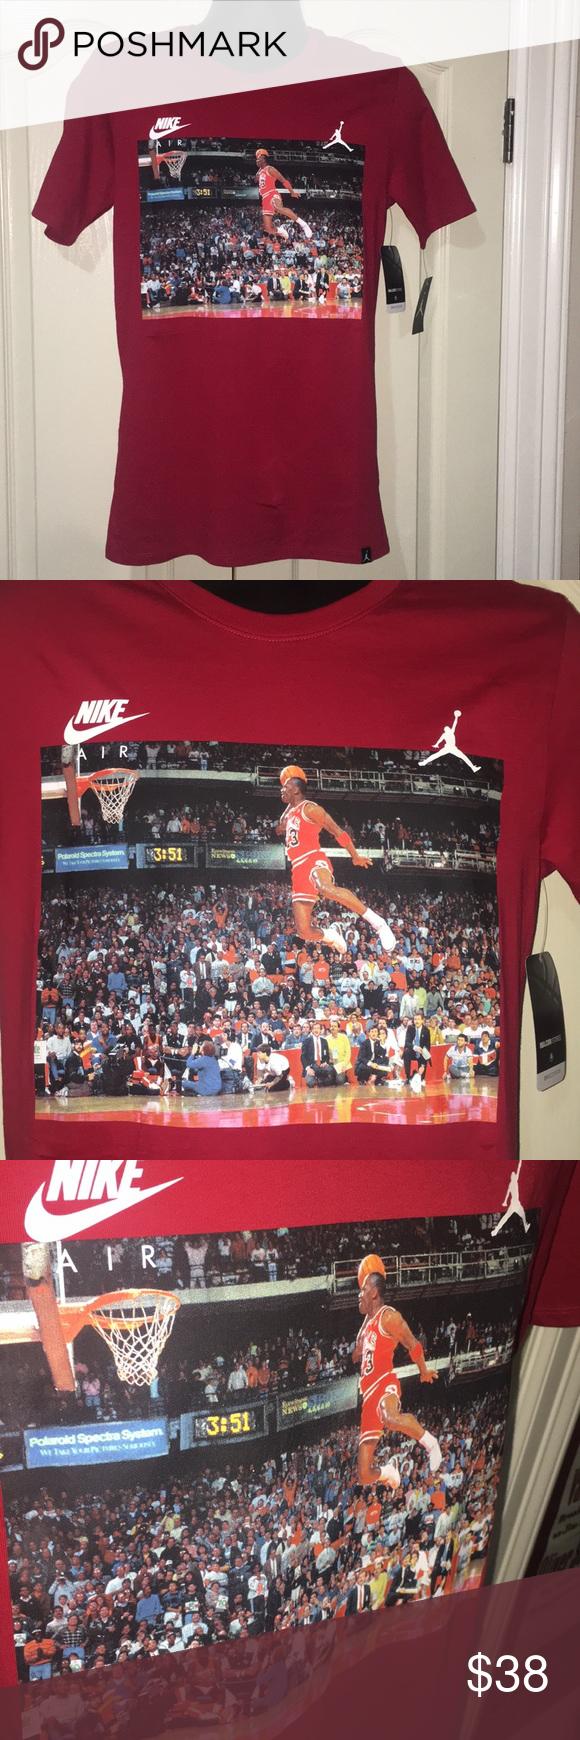 a409273cc53 Air Jordan Free Throw Line Dunk Shirt Red Black Nike Air Jordan Free Throw  Line Dunk